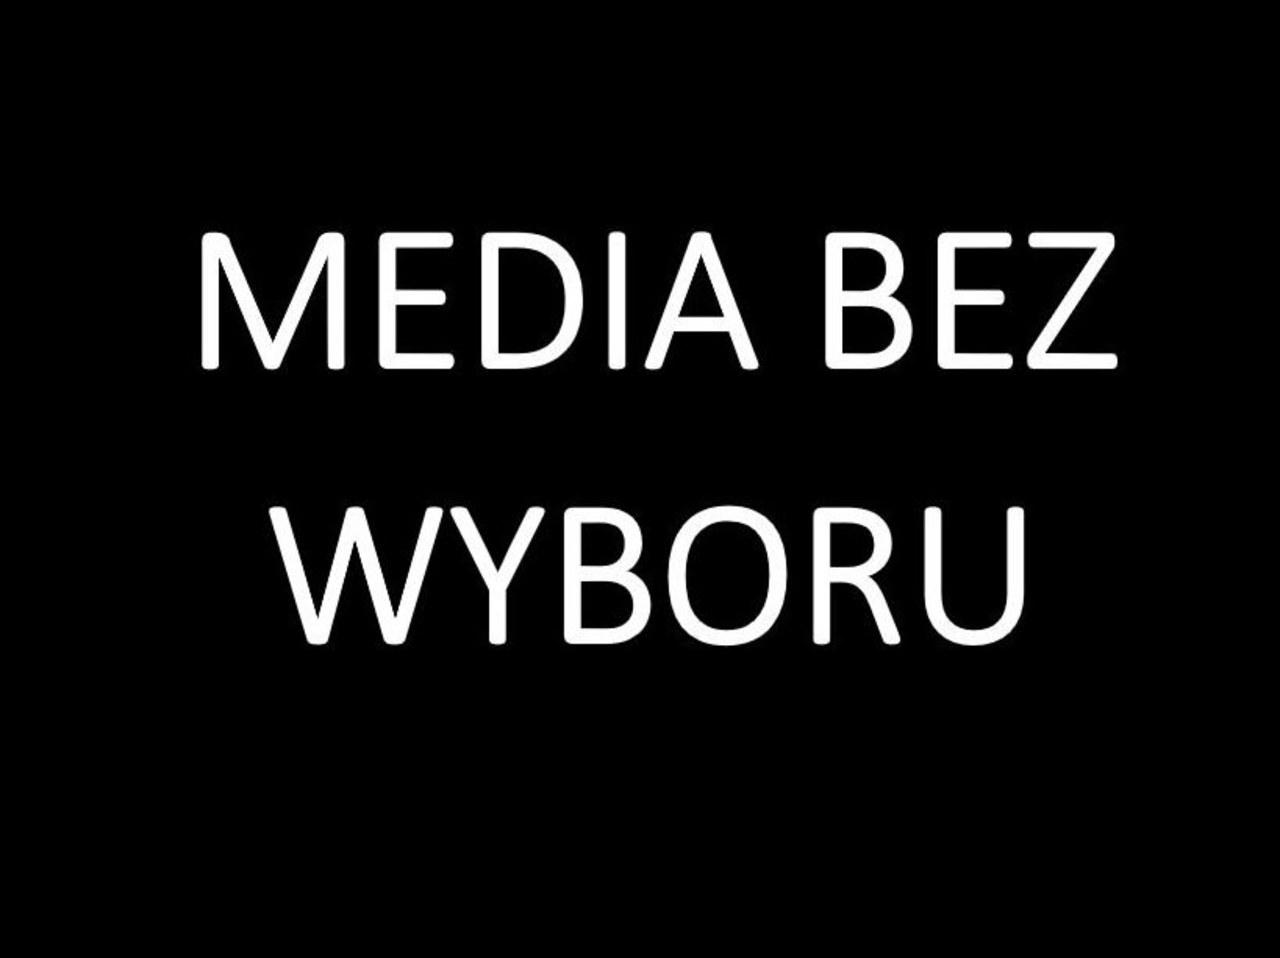 Media bez wyboru. Protest w sprawie nowego podatku od mediów: Wyjaśniamy dlaczego